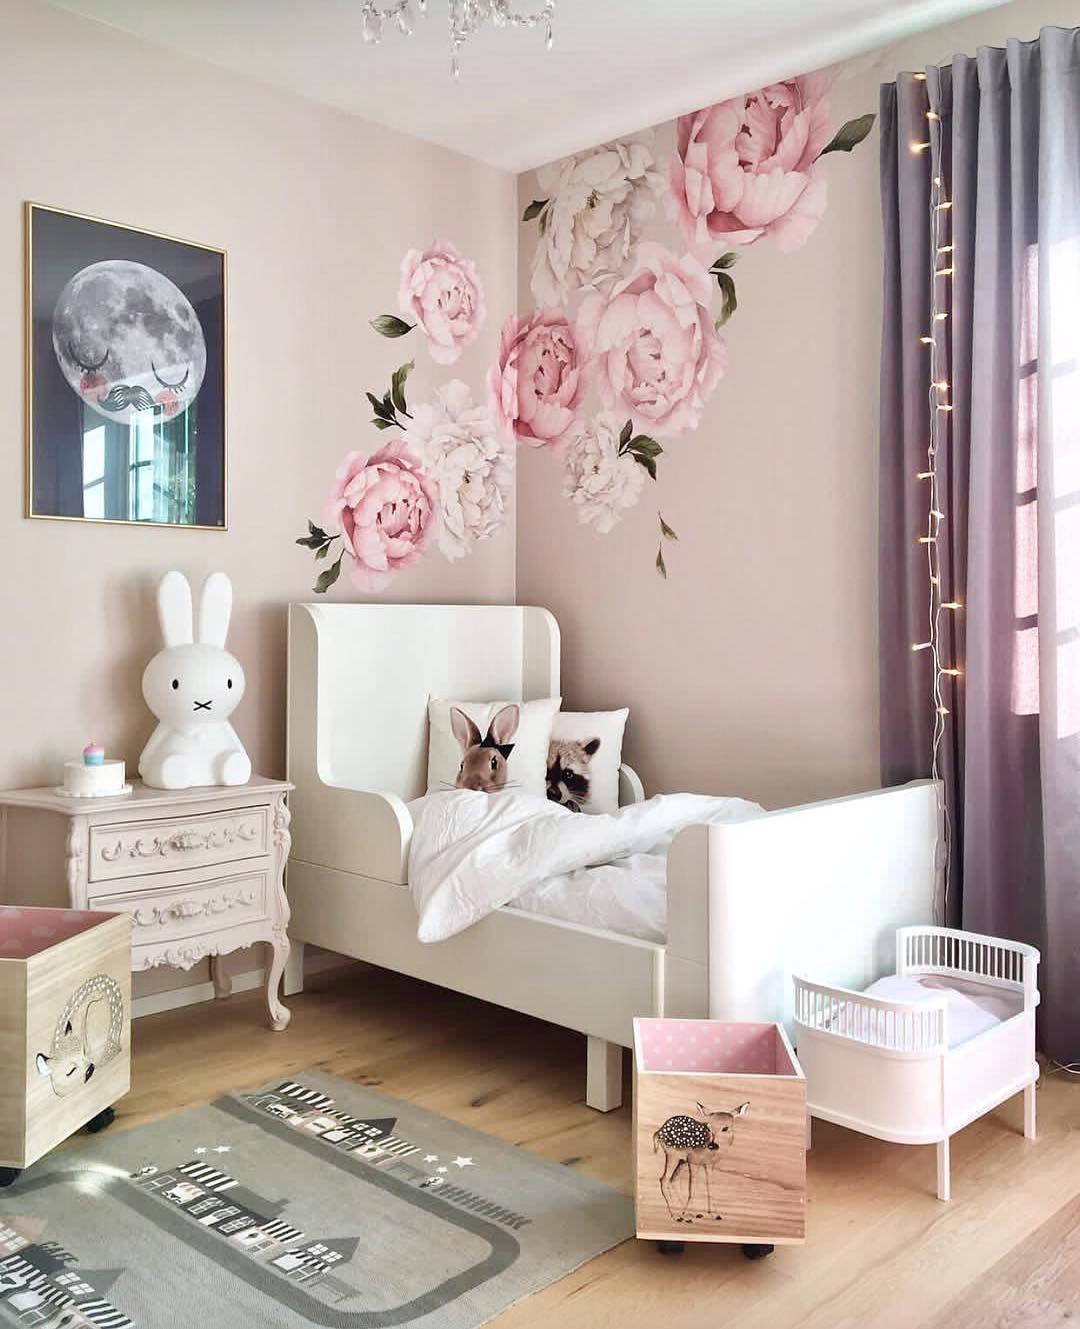 Kinderzimmer Inspiration für Mädchen Instagram